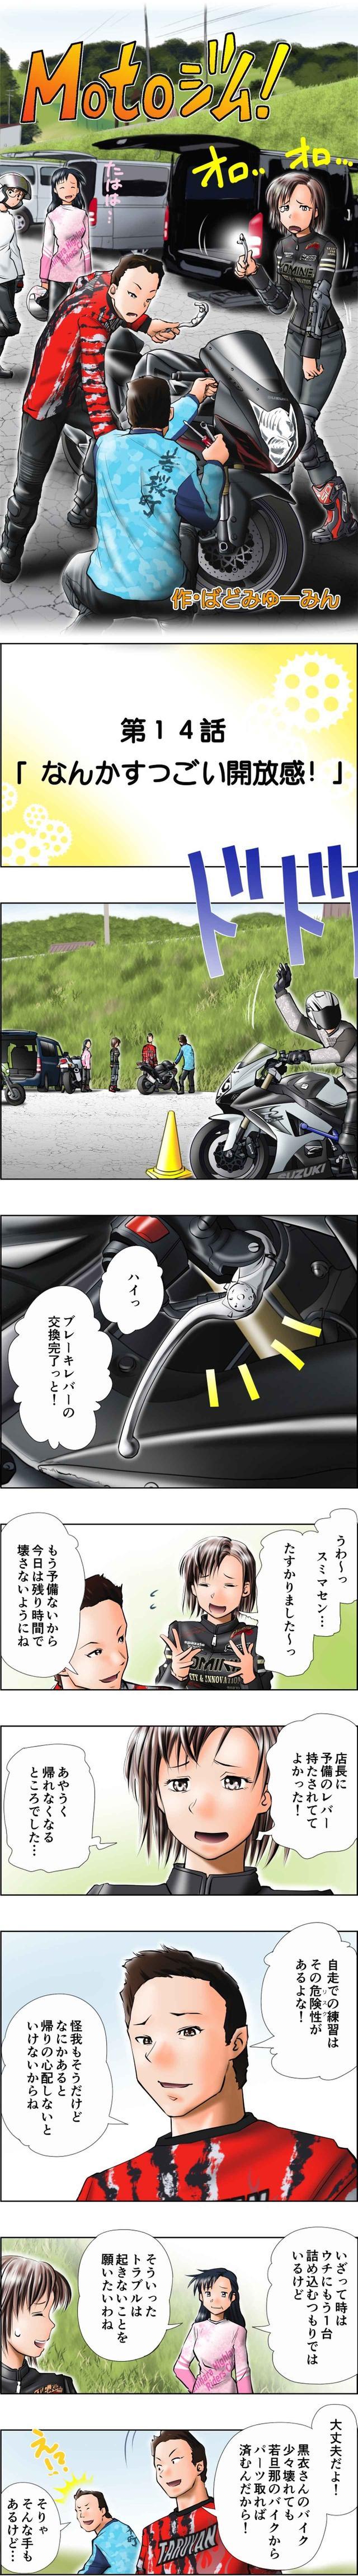 画像: Motoジム!(第14話:なんかすっごい開放感!) 作・ばどみゅーみん - オートバイ & RIDE